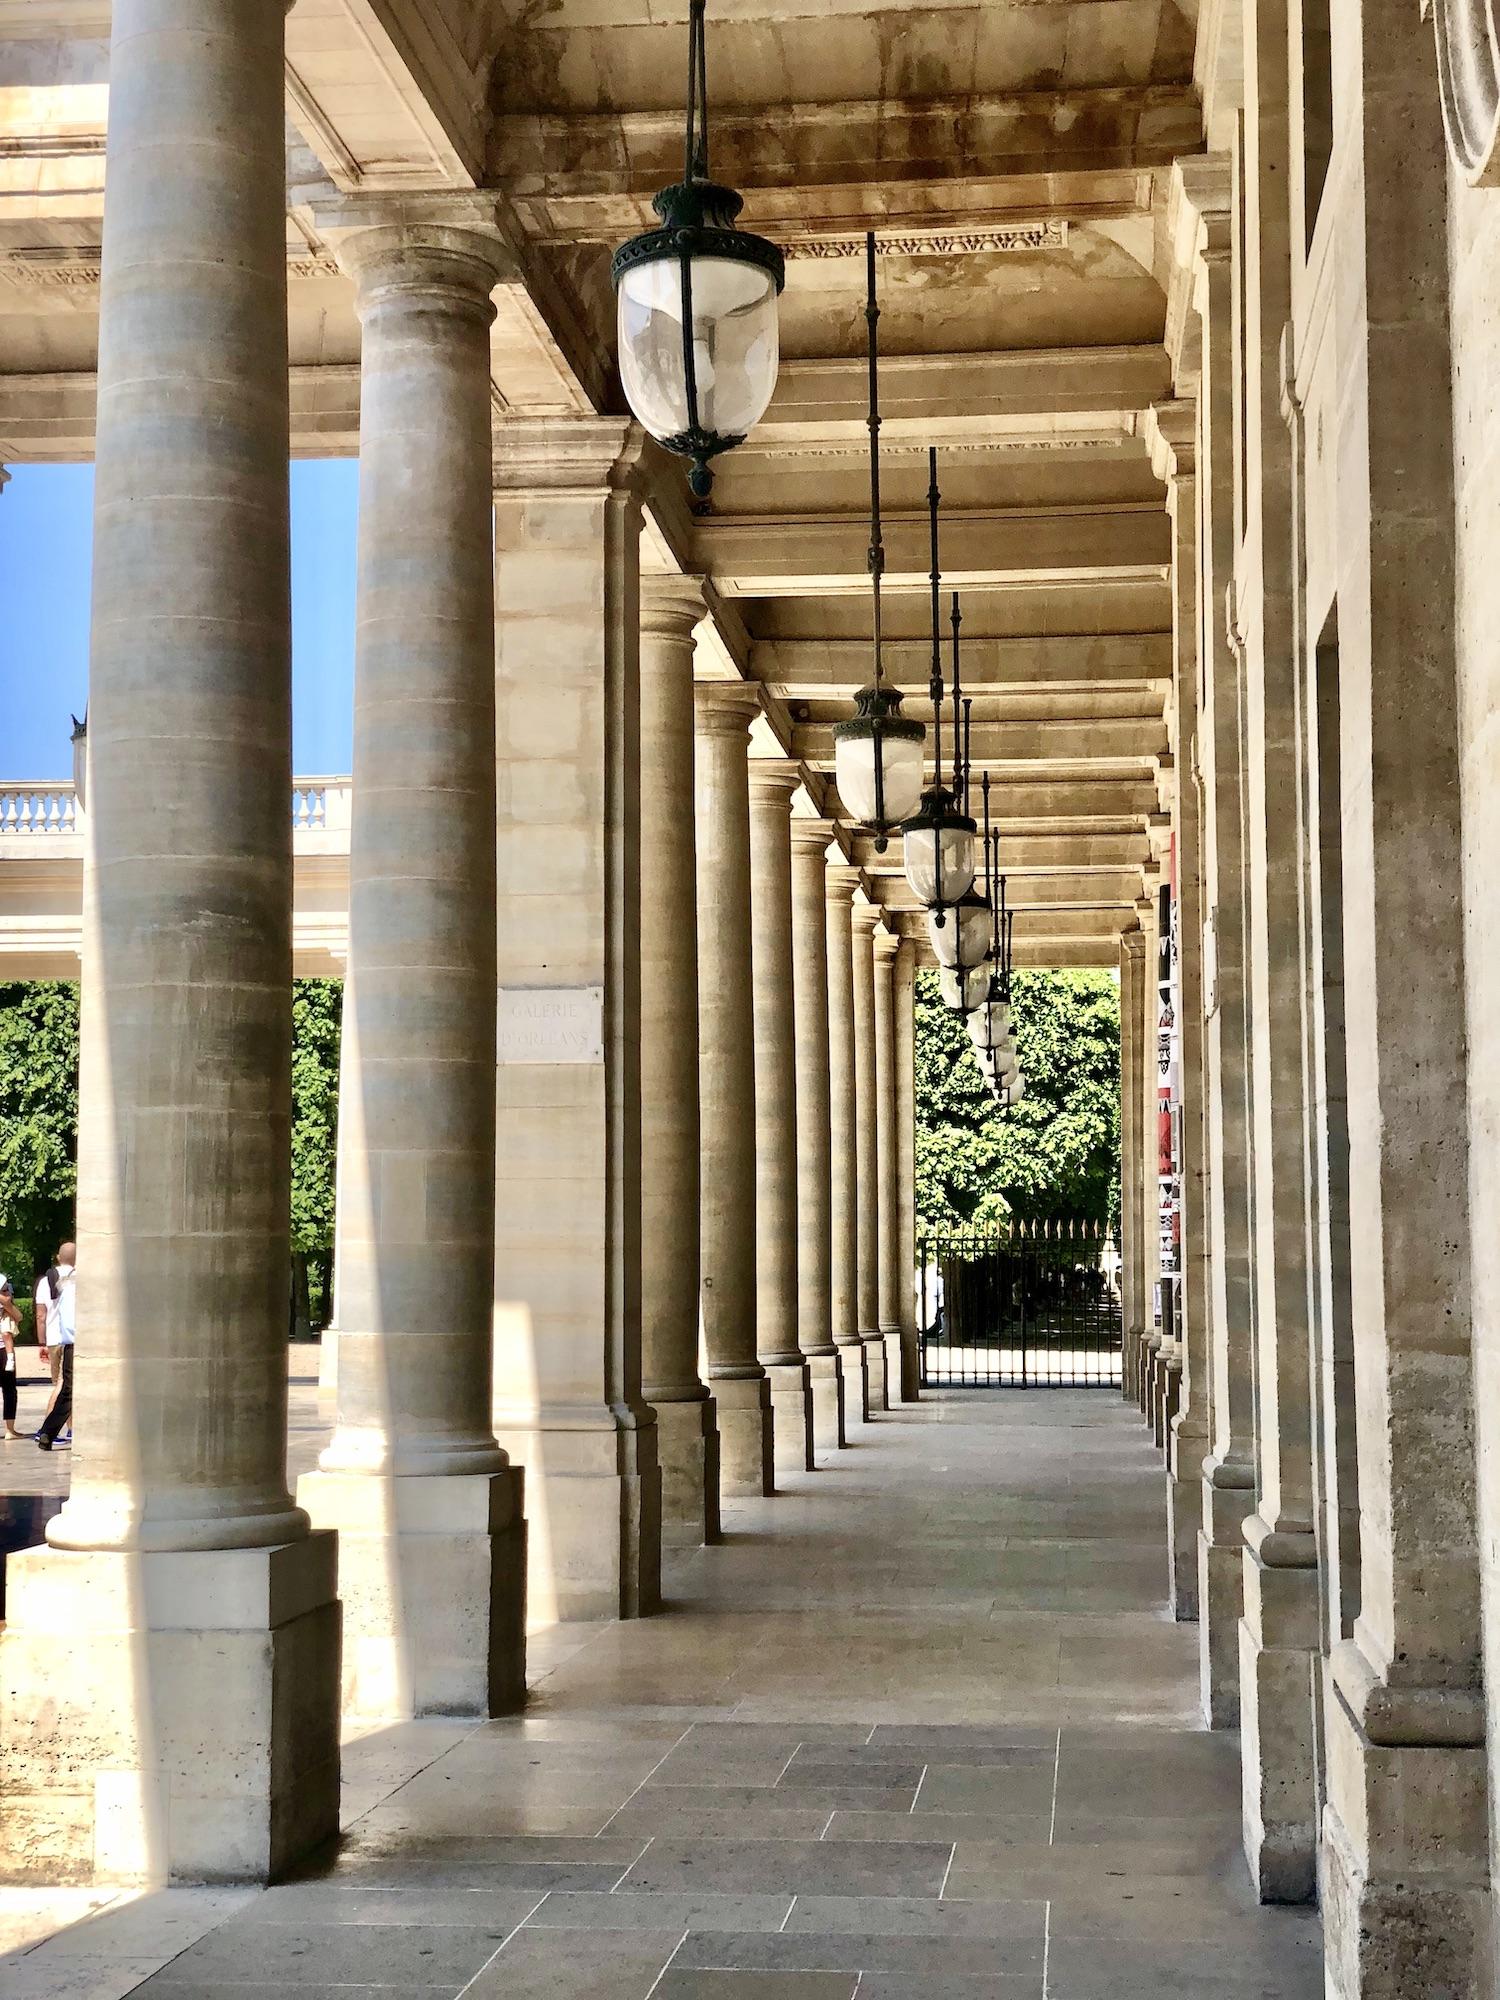 how to avoid jet lag - take a walk at palais royal